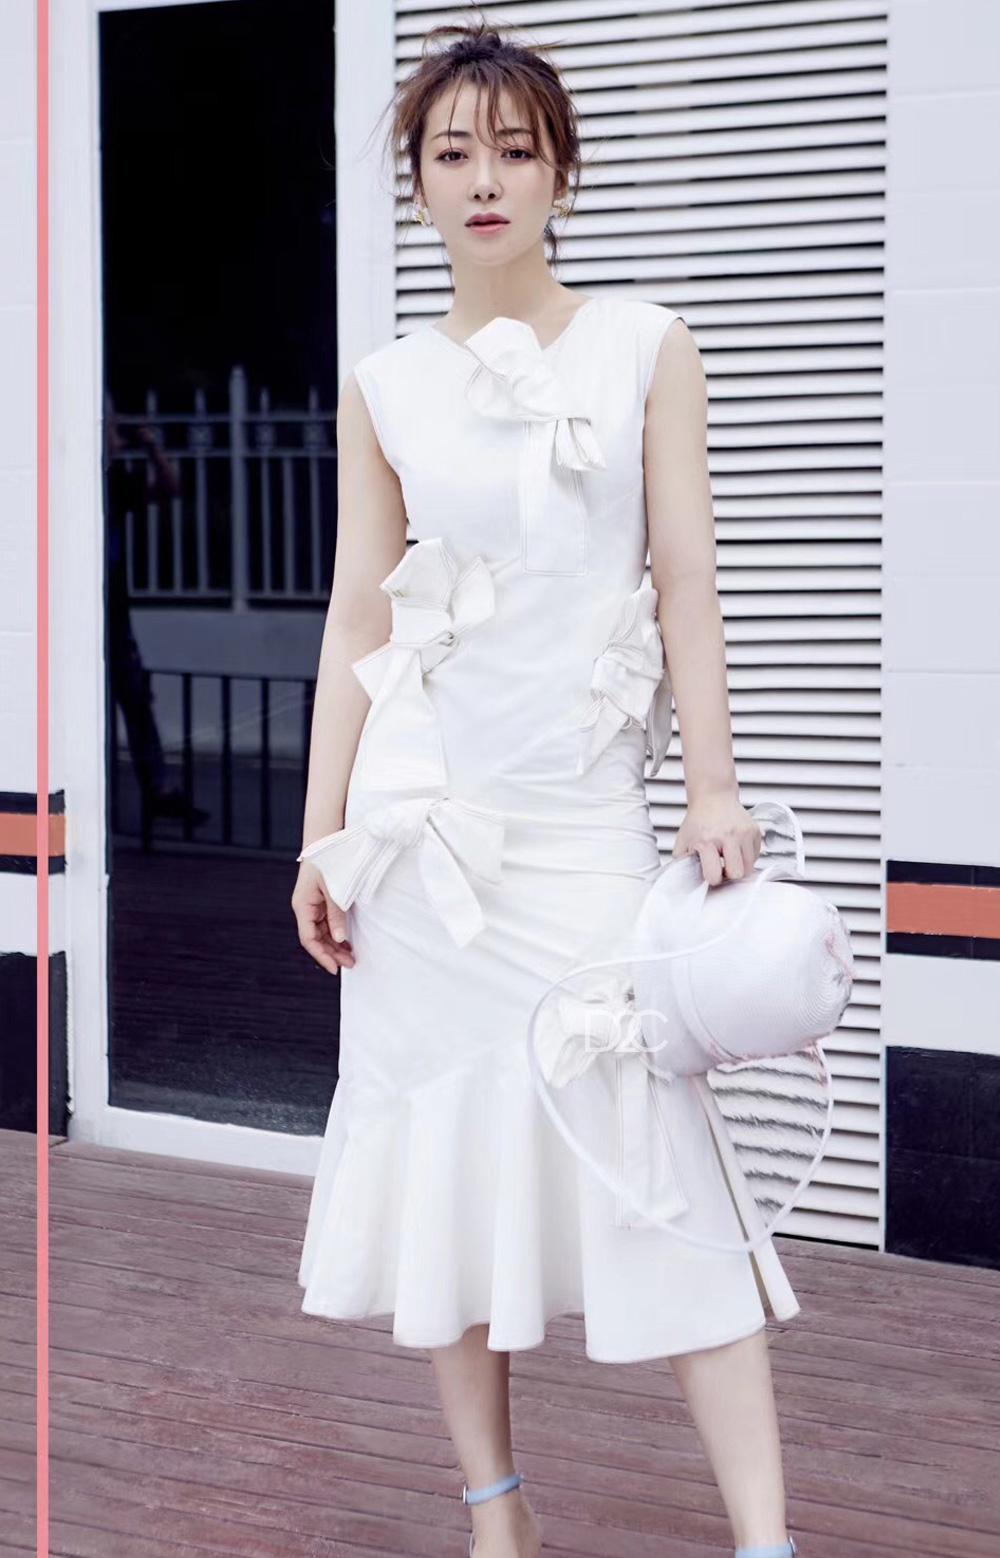 【陈紫函同款】NIKITA CAI 蔡晓蕾 白色大蝴蝶结连衣裙